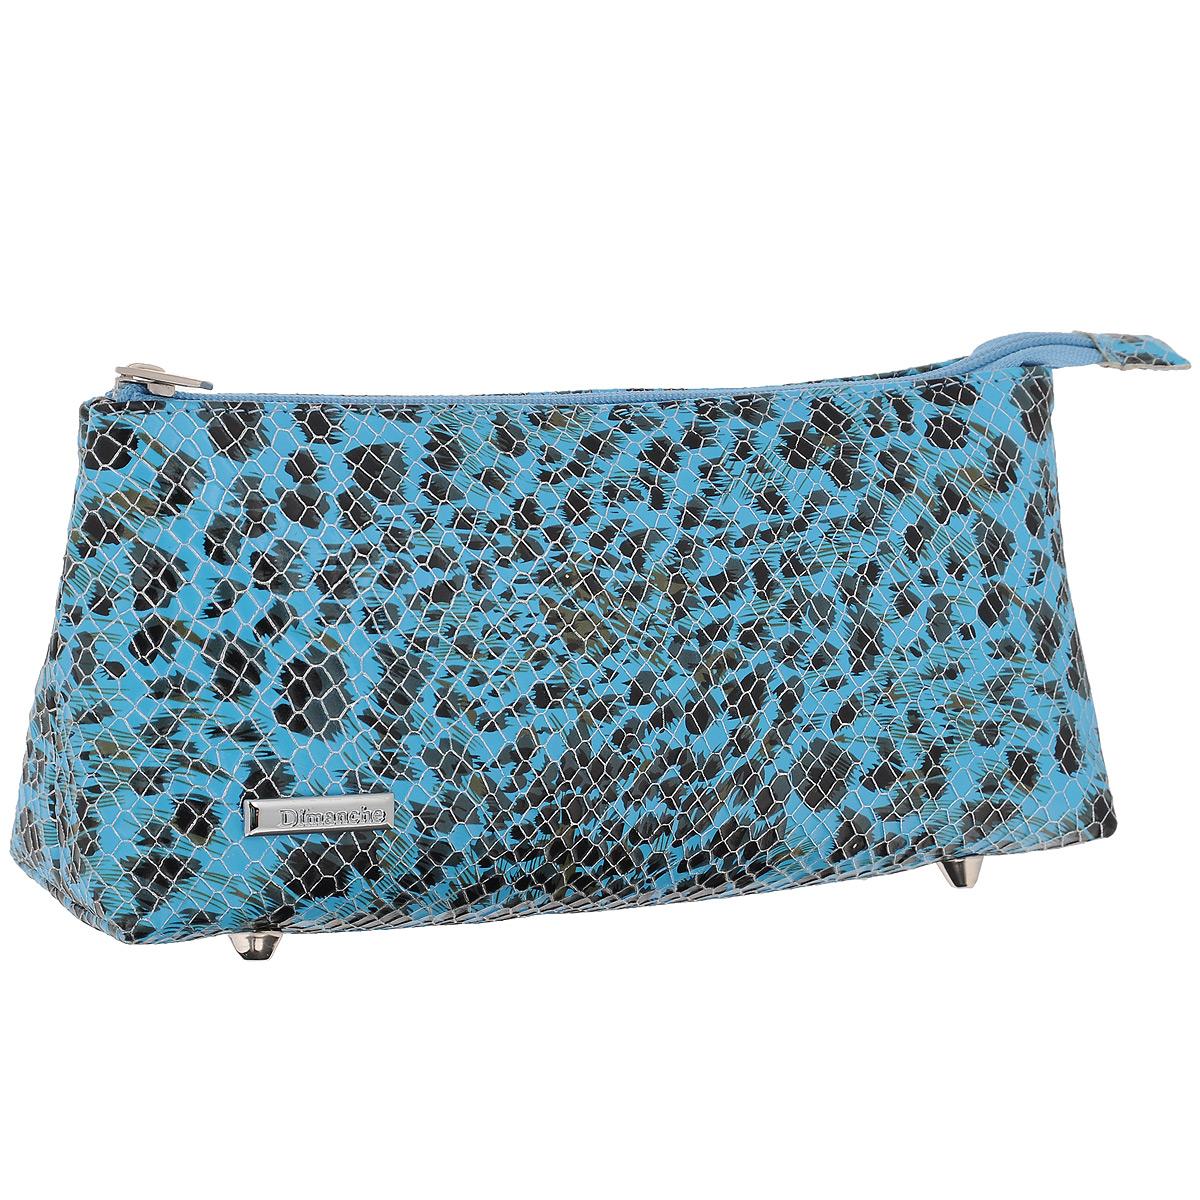 Косметичка Dimanche, цвет: голубой. 264B16-11416Косметичка Dimanche изготовлена из искусственной кожи голубого цвета с тиснением под рептилию. Внутри косметичка отделана атласным текстильным материалом. Изделие закрывается на застежку-молнию. Дно оснащено четырьмя металлическими ножками.Женская косметичка Dimanche - это стильный и полезный аксессуар для любой модницы. В косметичке поместится вся необходимая косметика, а благодаря компактным размерам ее всегда можно носить с собой в сумочке.